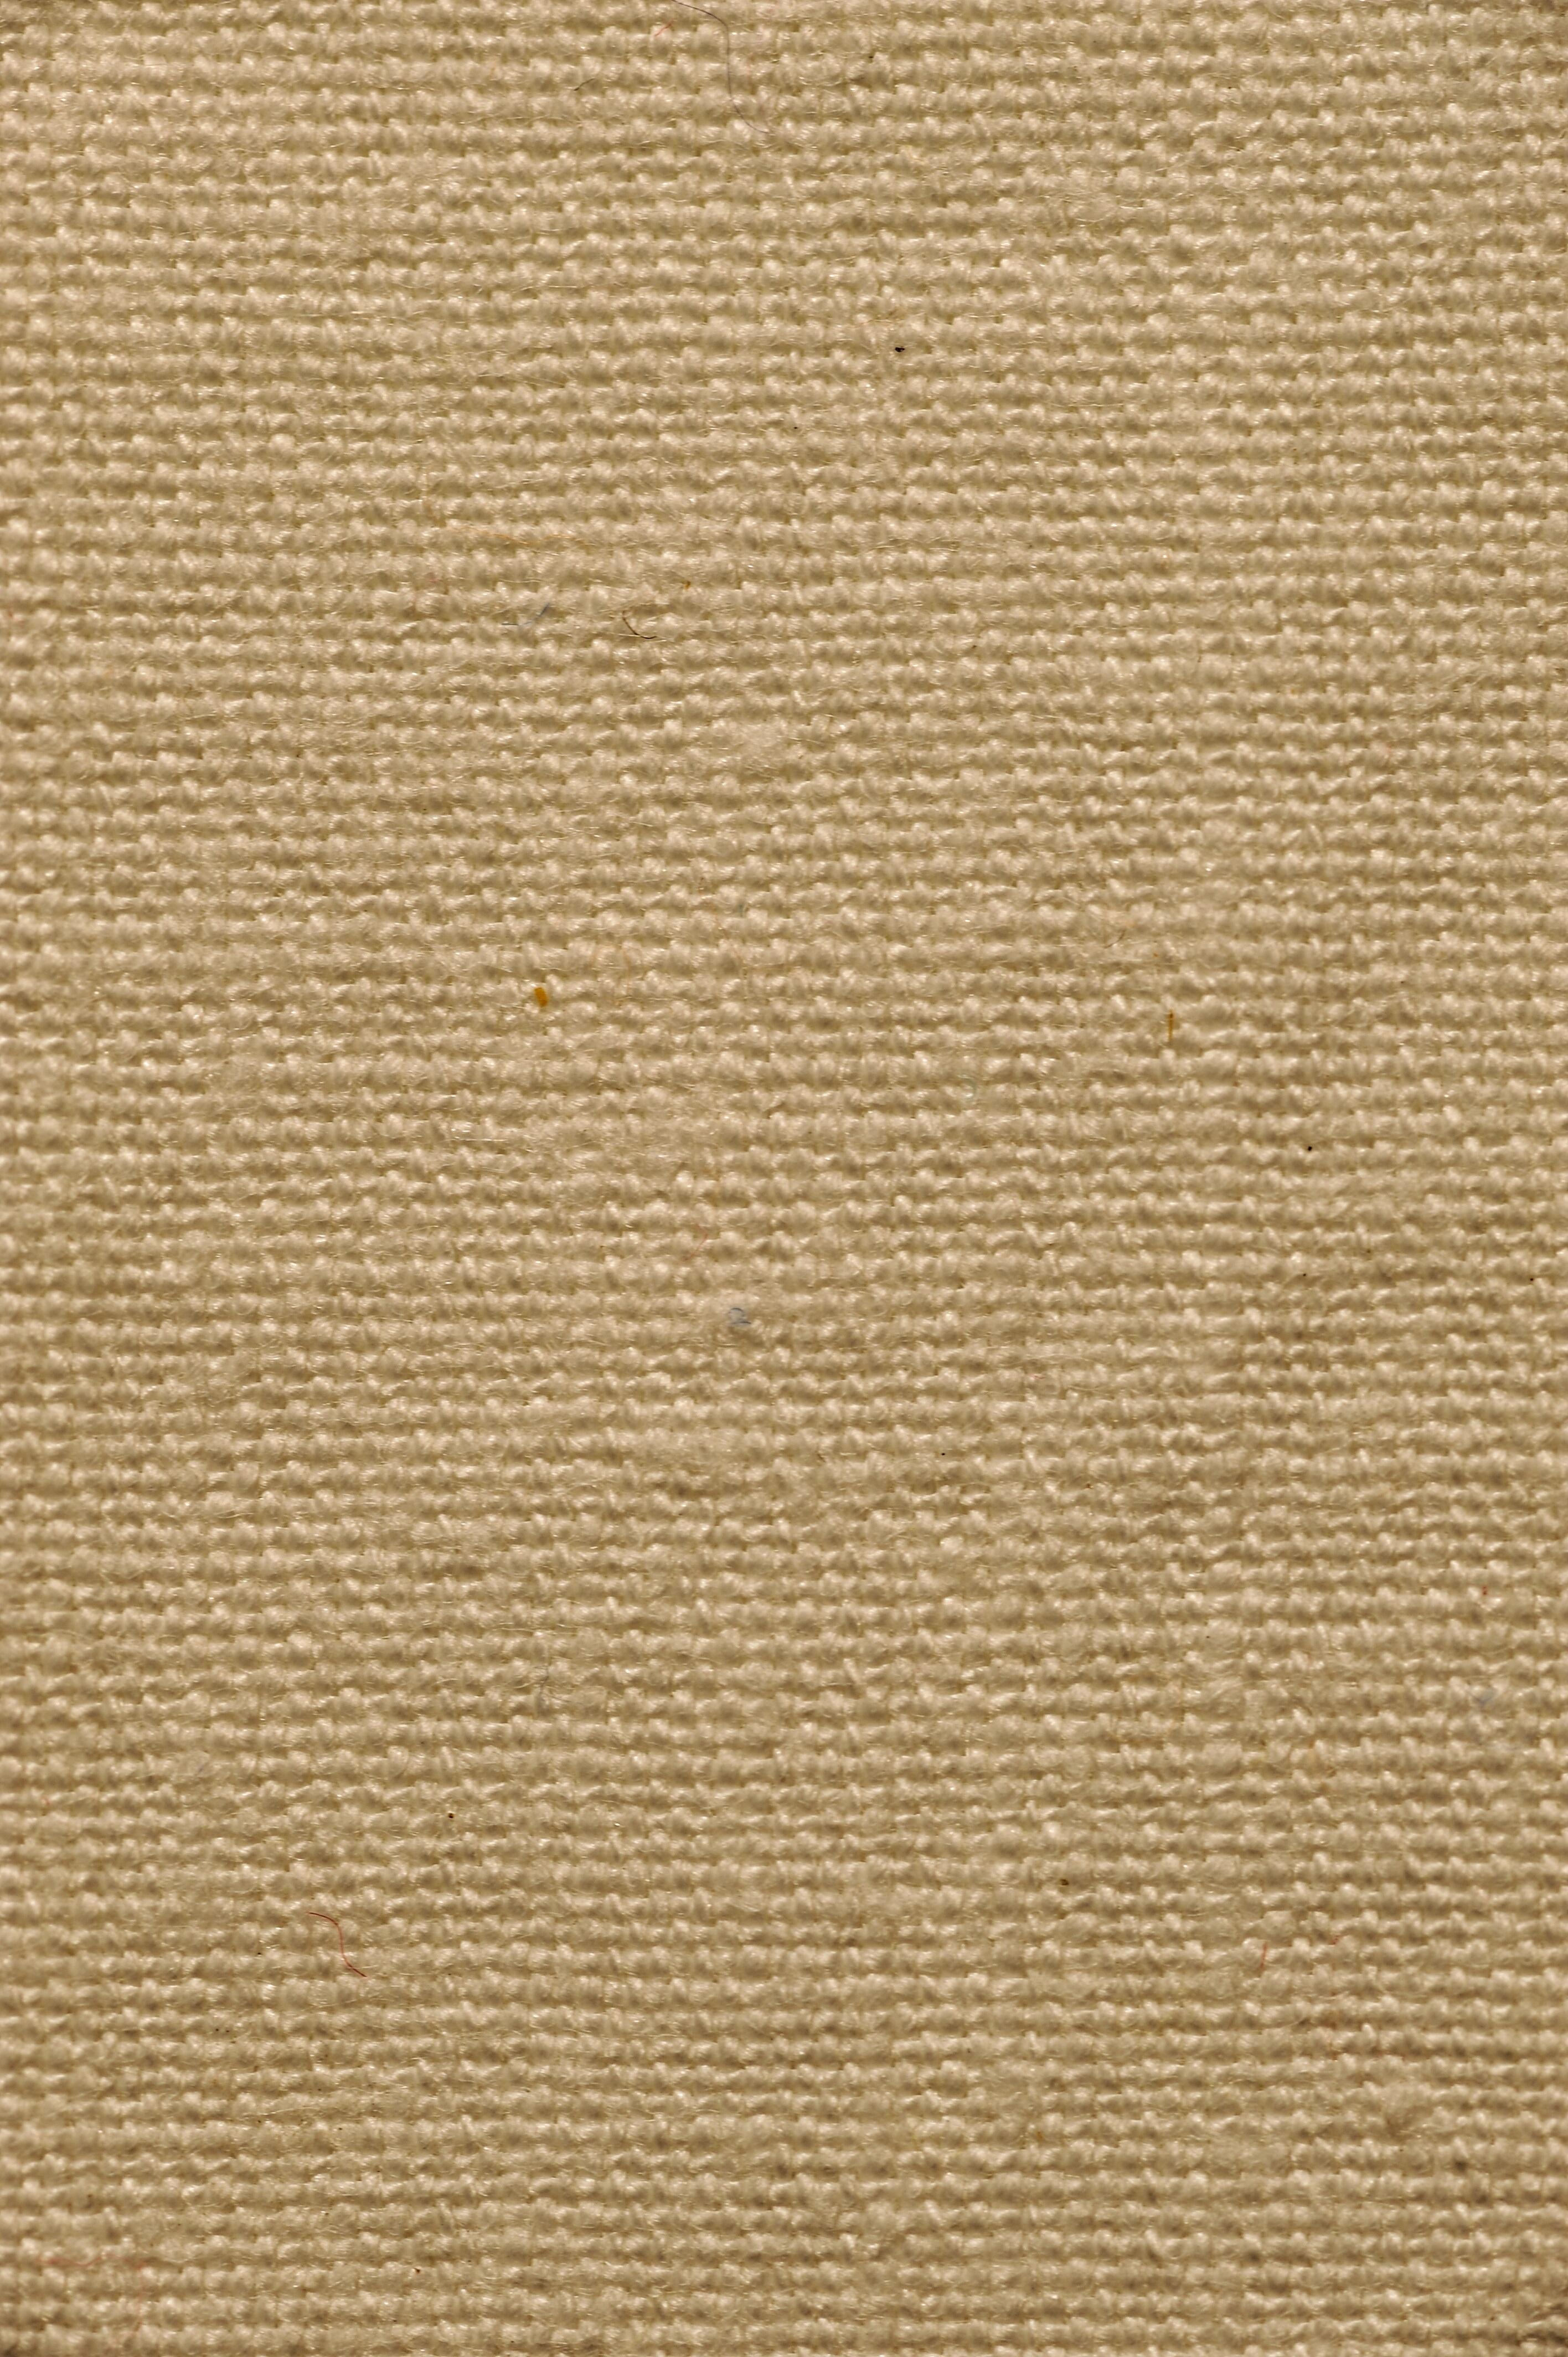 Feuille Stratifié Blanc Brillant images gratuites : texture, modèle, couleur, marron, tuile